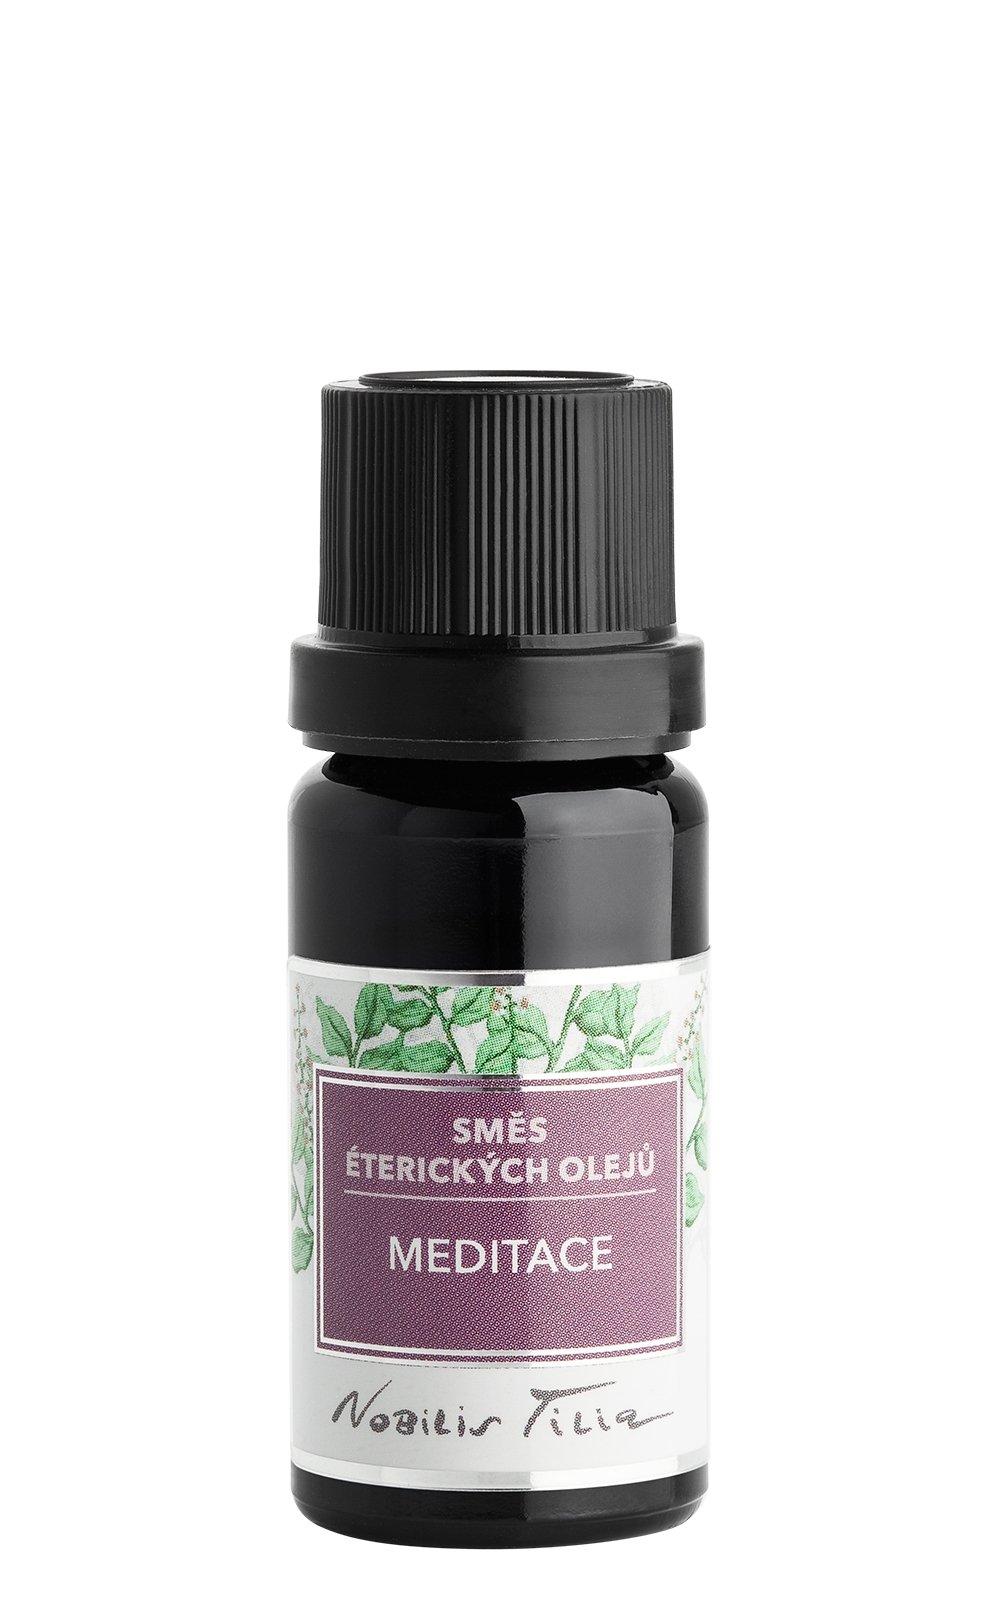 Směs éterických olejů Meditace: 10 ml